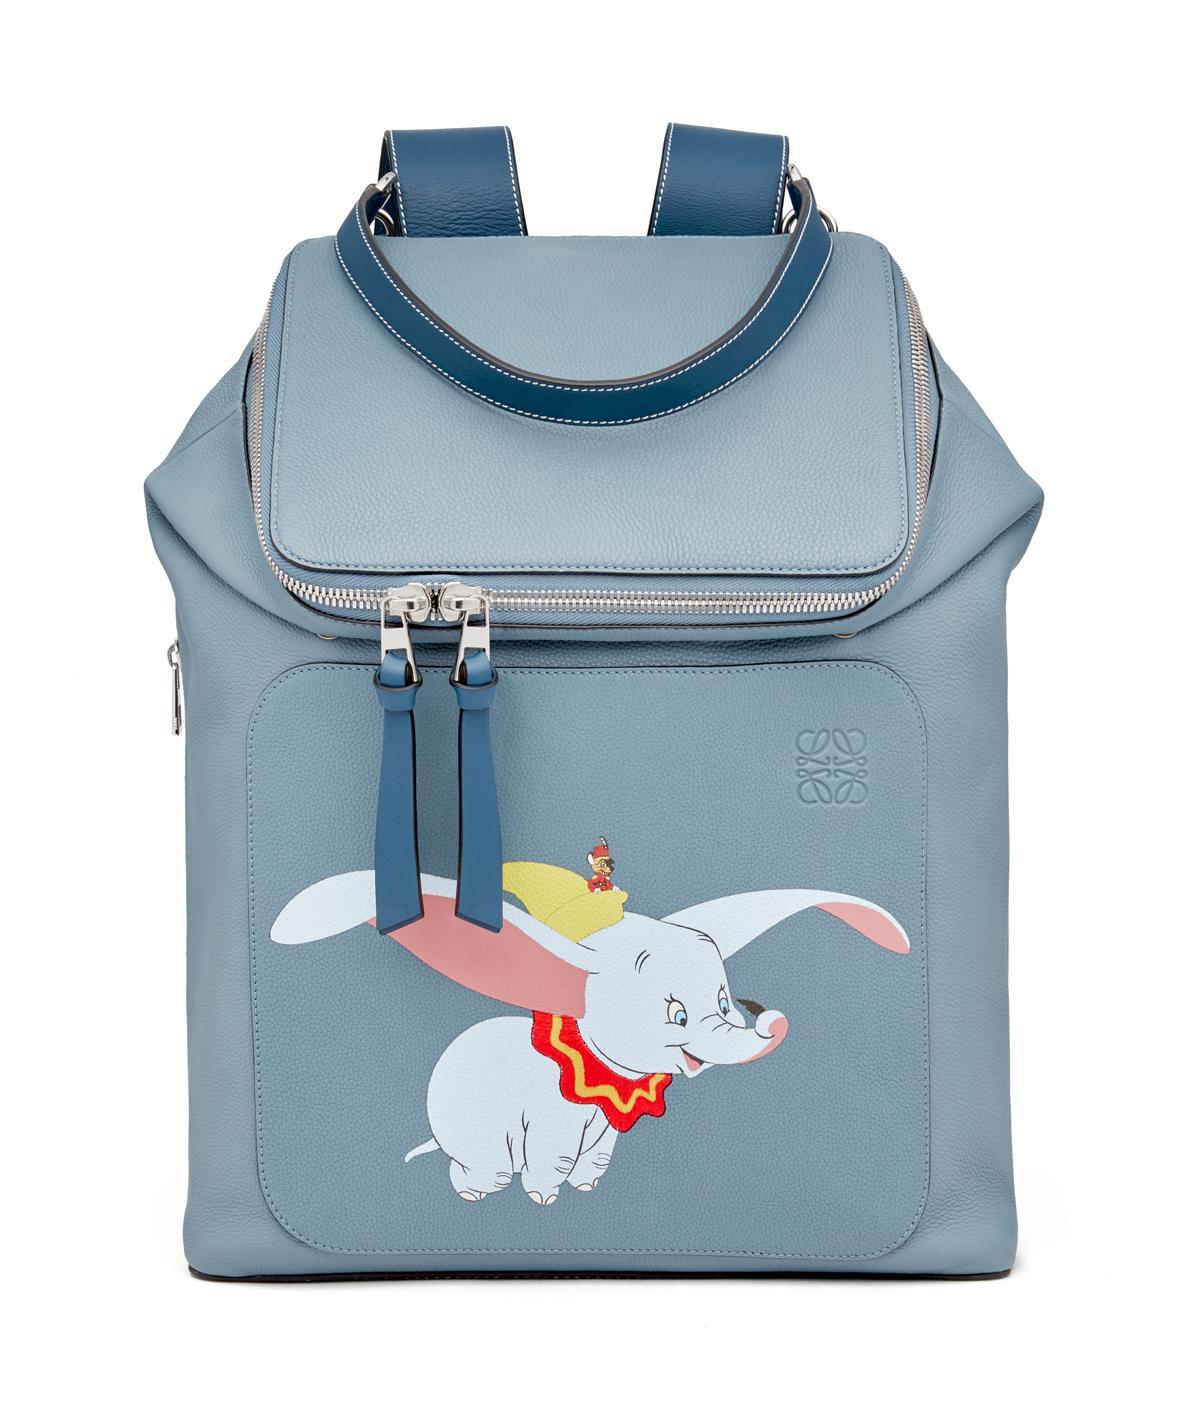 Loewe Goya Dumbo Backpack Stone Blue, HKD 26,300